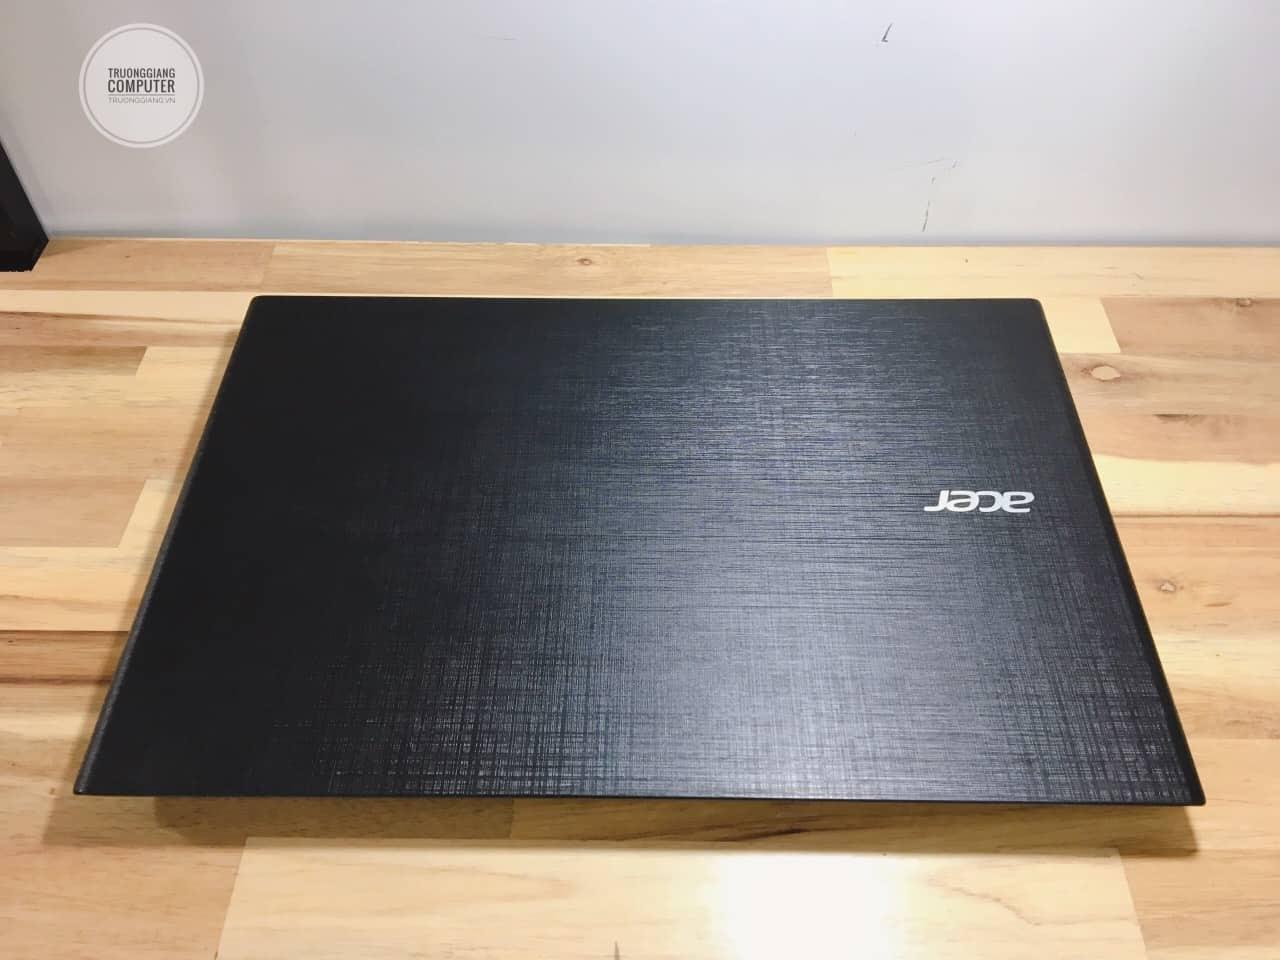 laptop Acer e5 573 giá rẻ